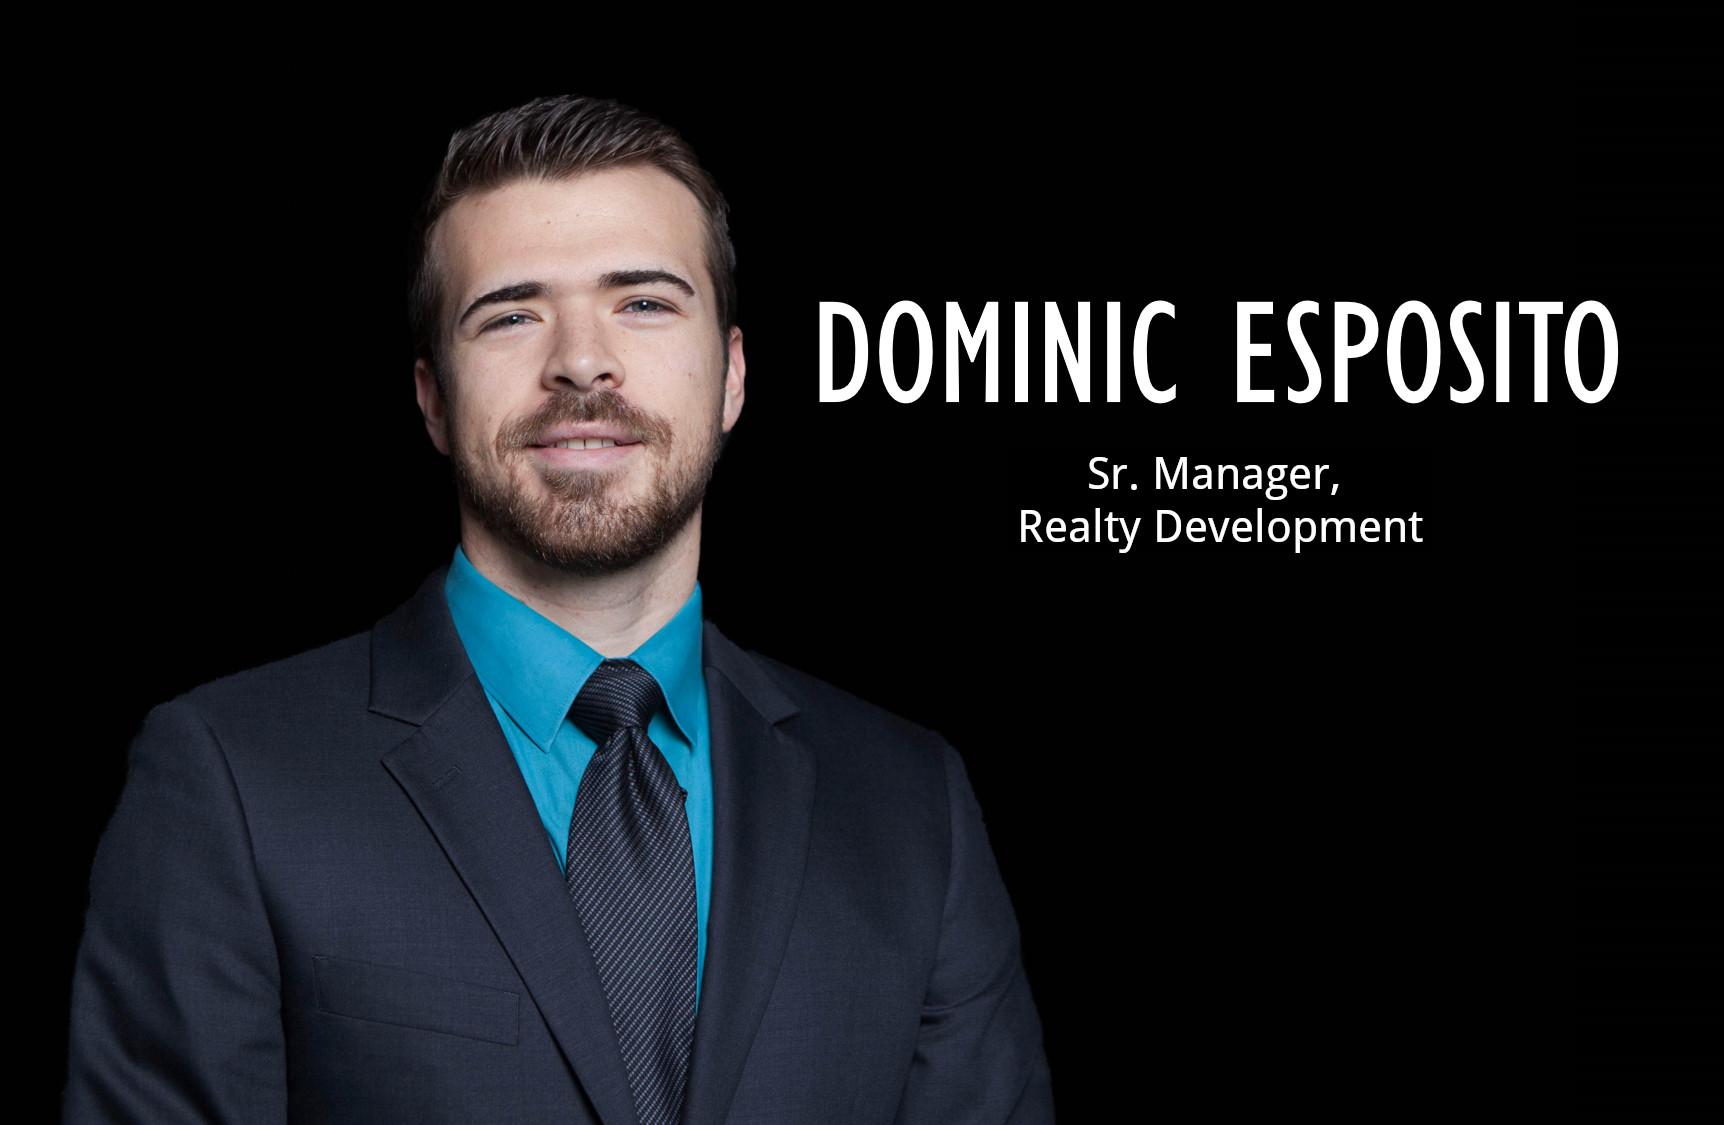 Dominic Esposito